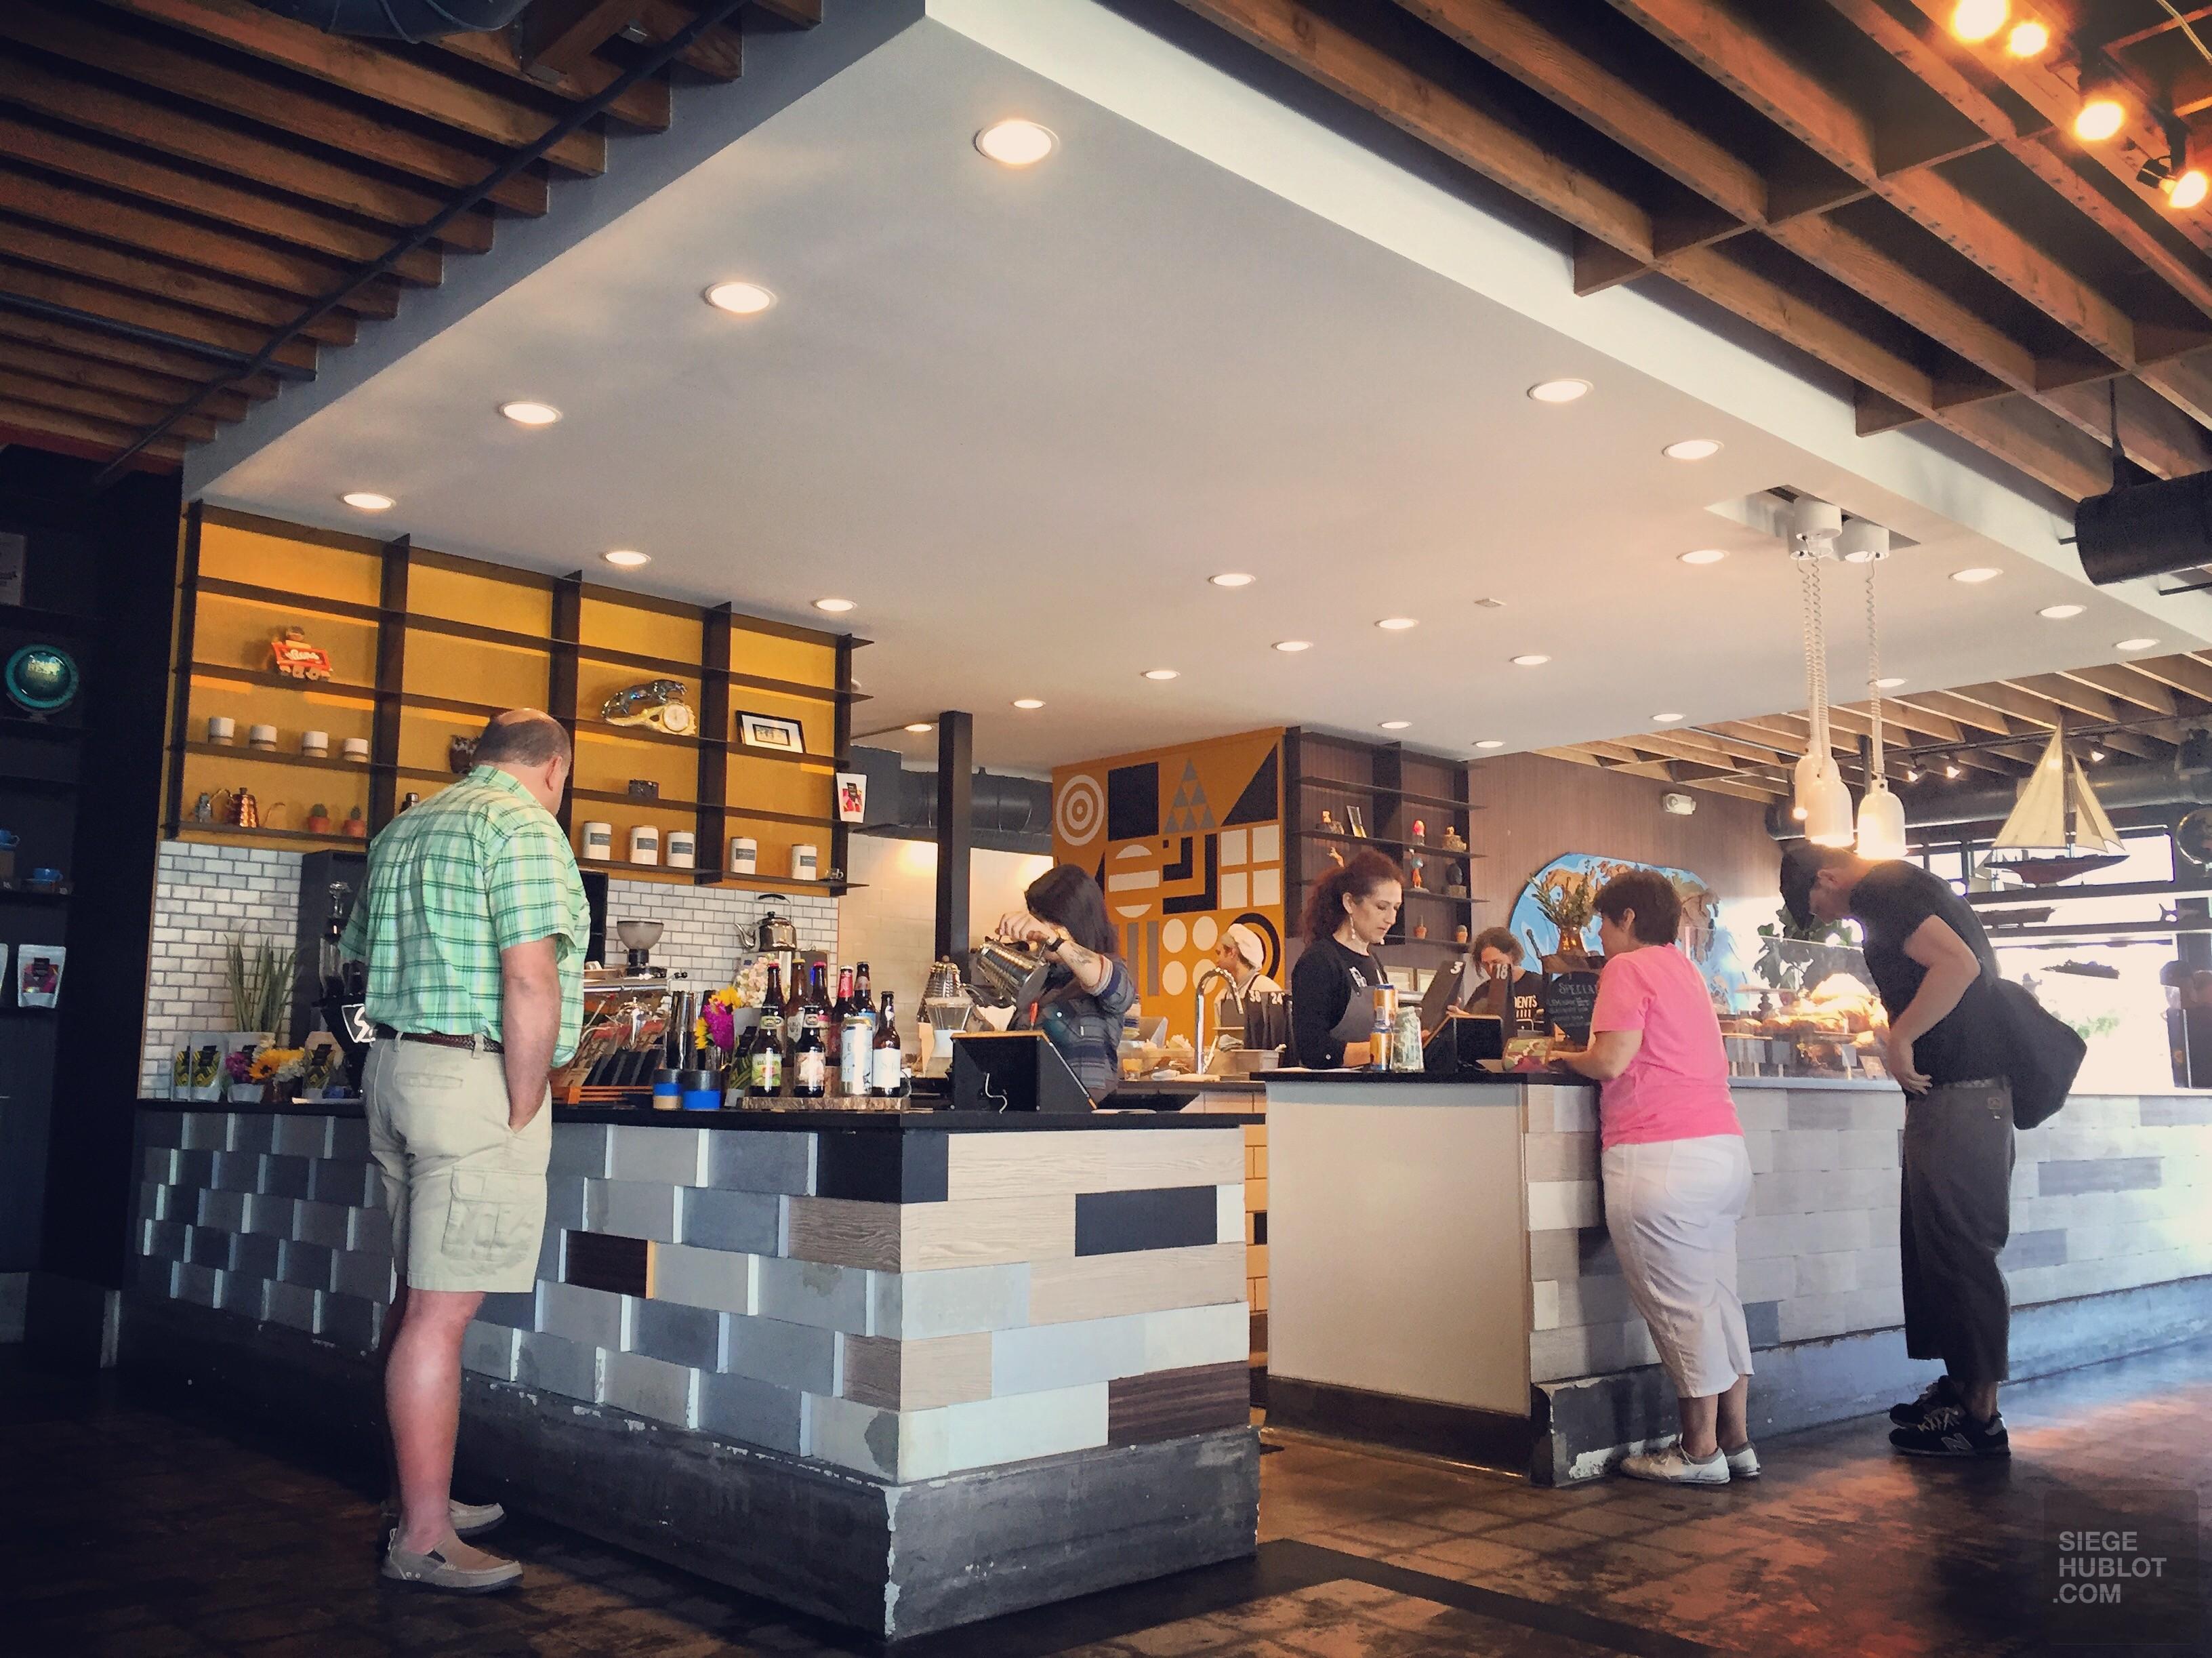 Un café 4e Vague à Vegas - nevada, etats-unis, cafes-restos, cafes, amerique-du-nord